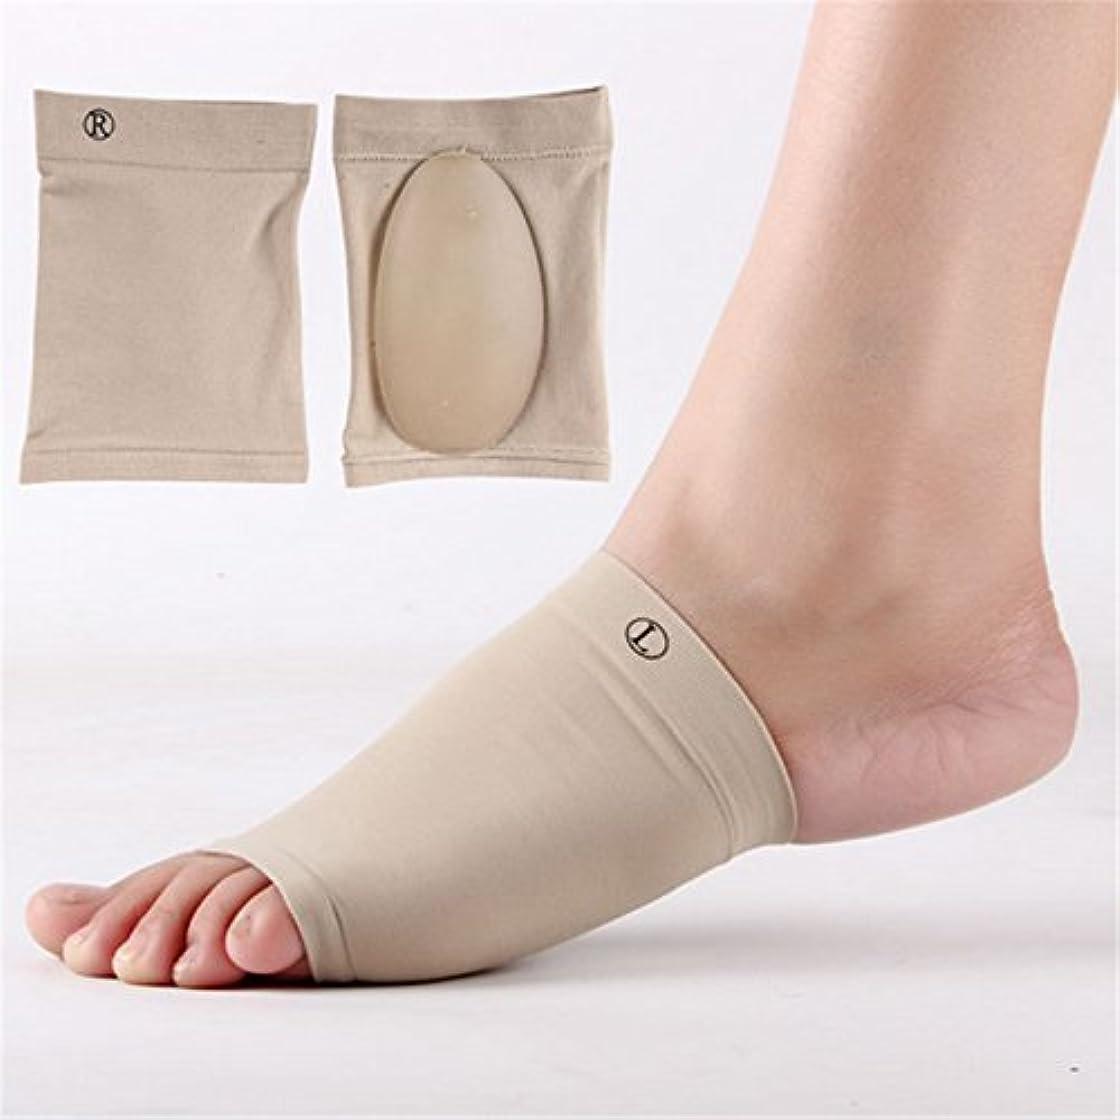 悩み社会主義おばあさんLorny(TM)1Pairジェル足底筋膜炎アーチサポートスリーブアーチソックスかかとクッションフラット足の整形外科靴パッドフットケア [並行輸入品]